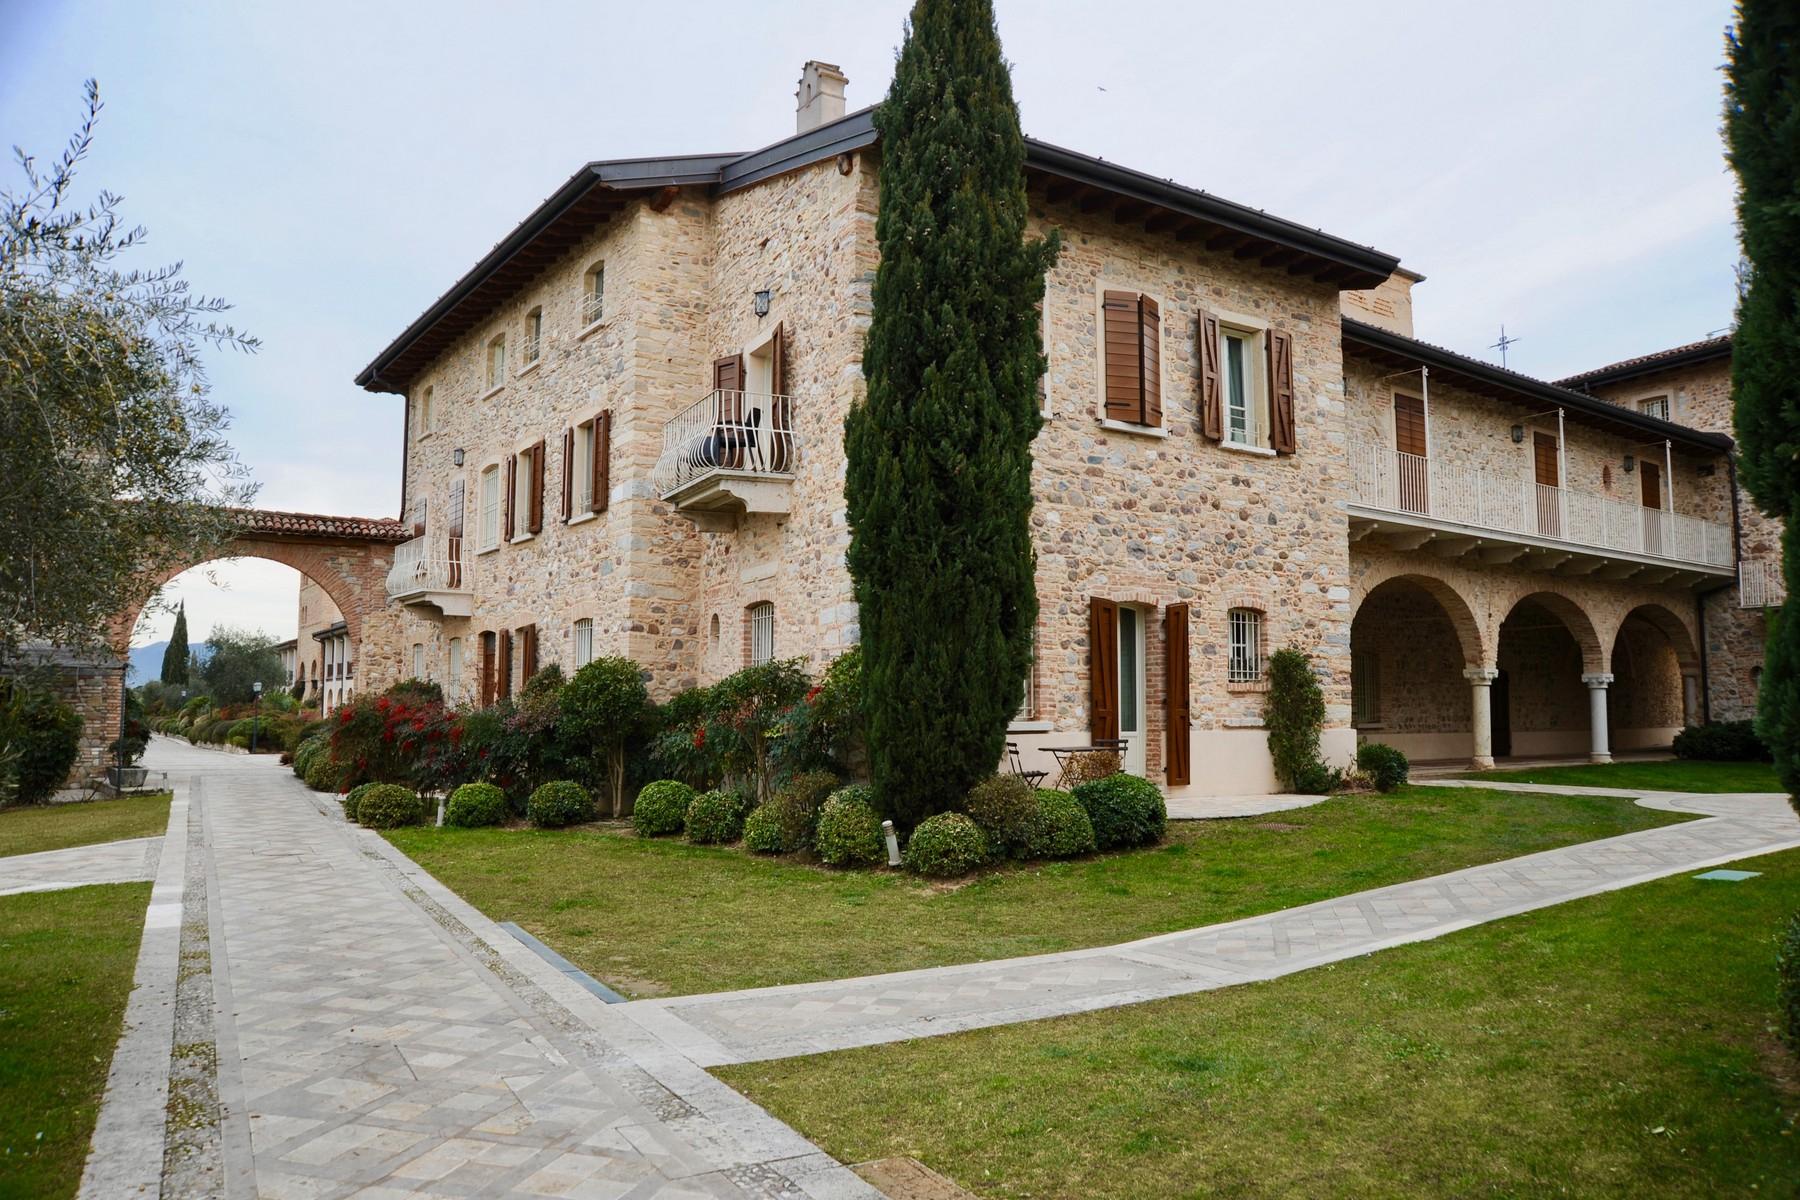 Appartamento in Vendita a Pozzolengo: 4 locali, 61 mq